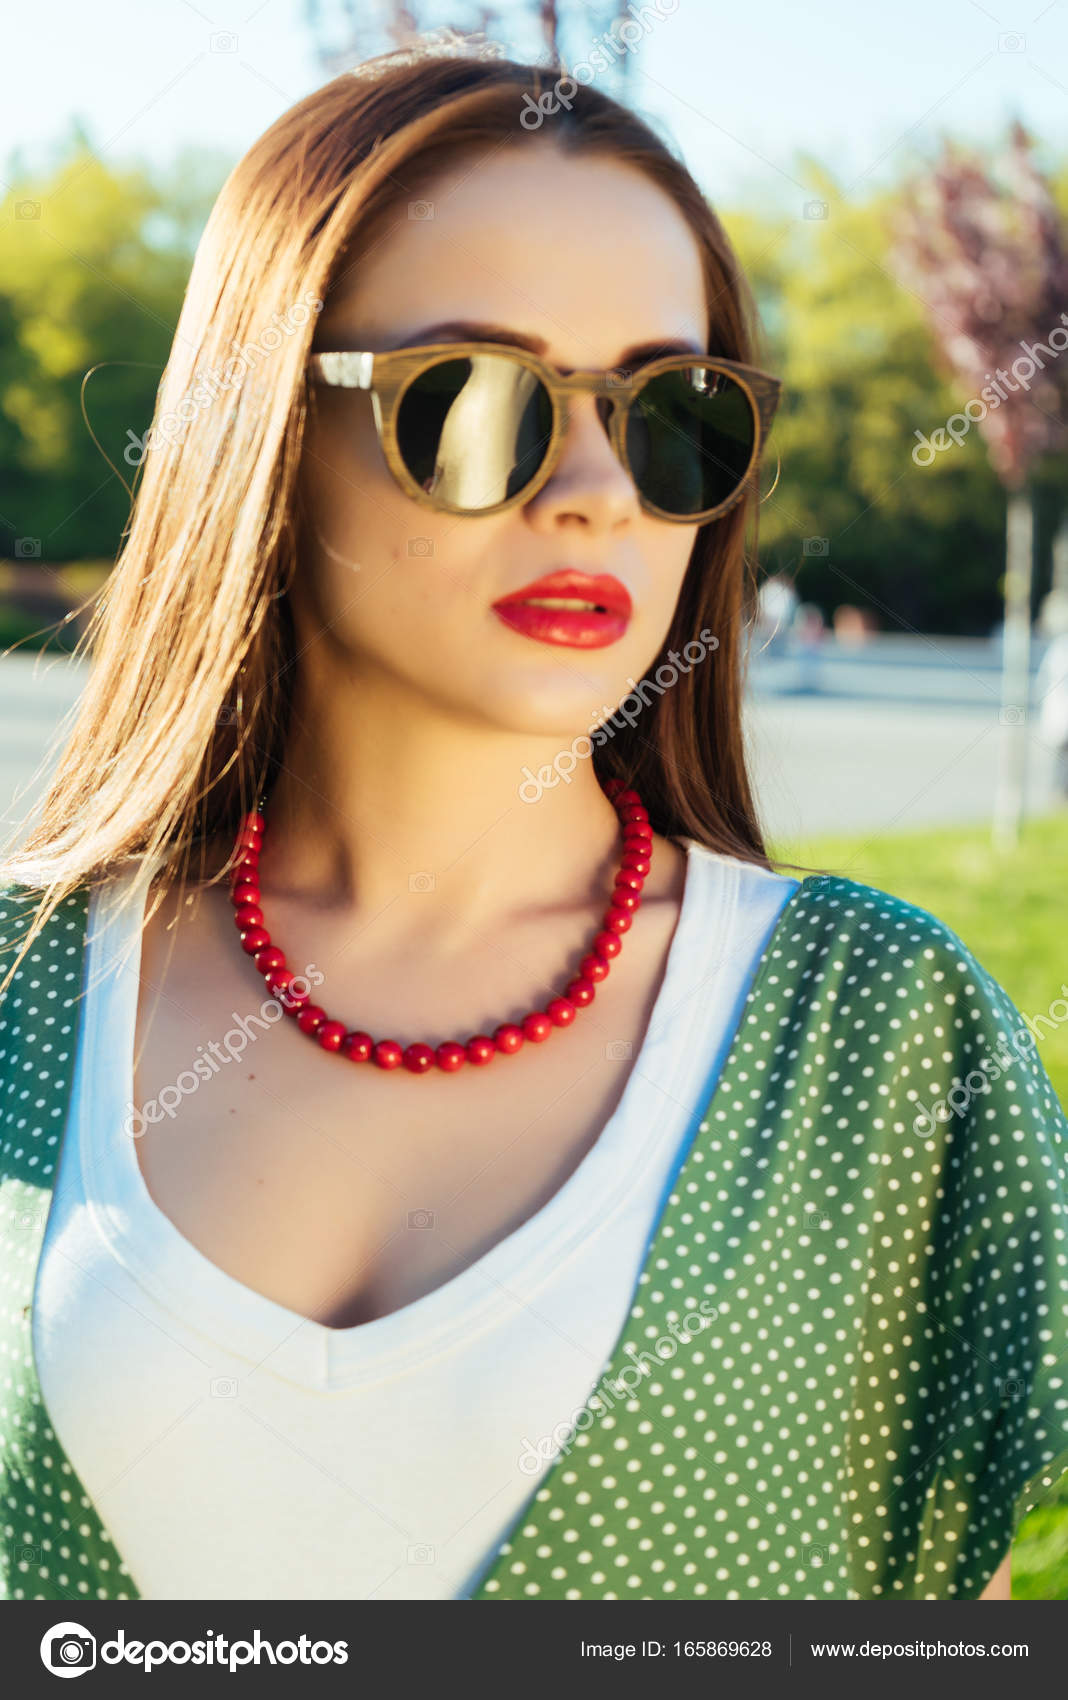 Stile Occhiali Sole In BicchieriRagazza Gioiosa Con Da Moda Donna gyY6fb7